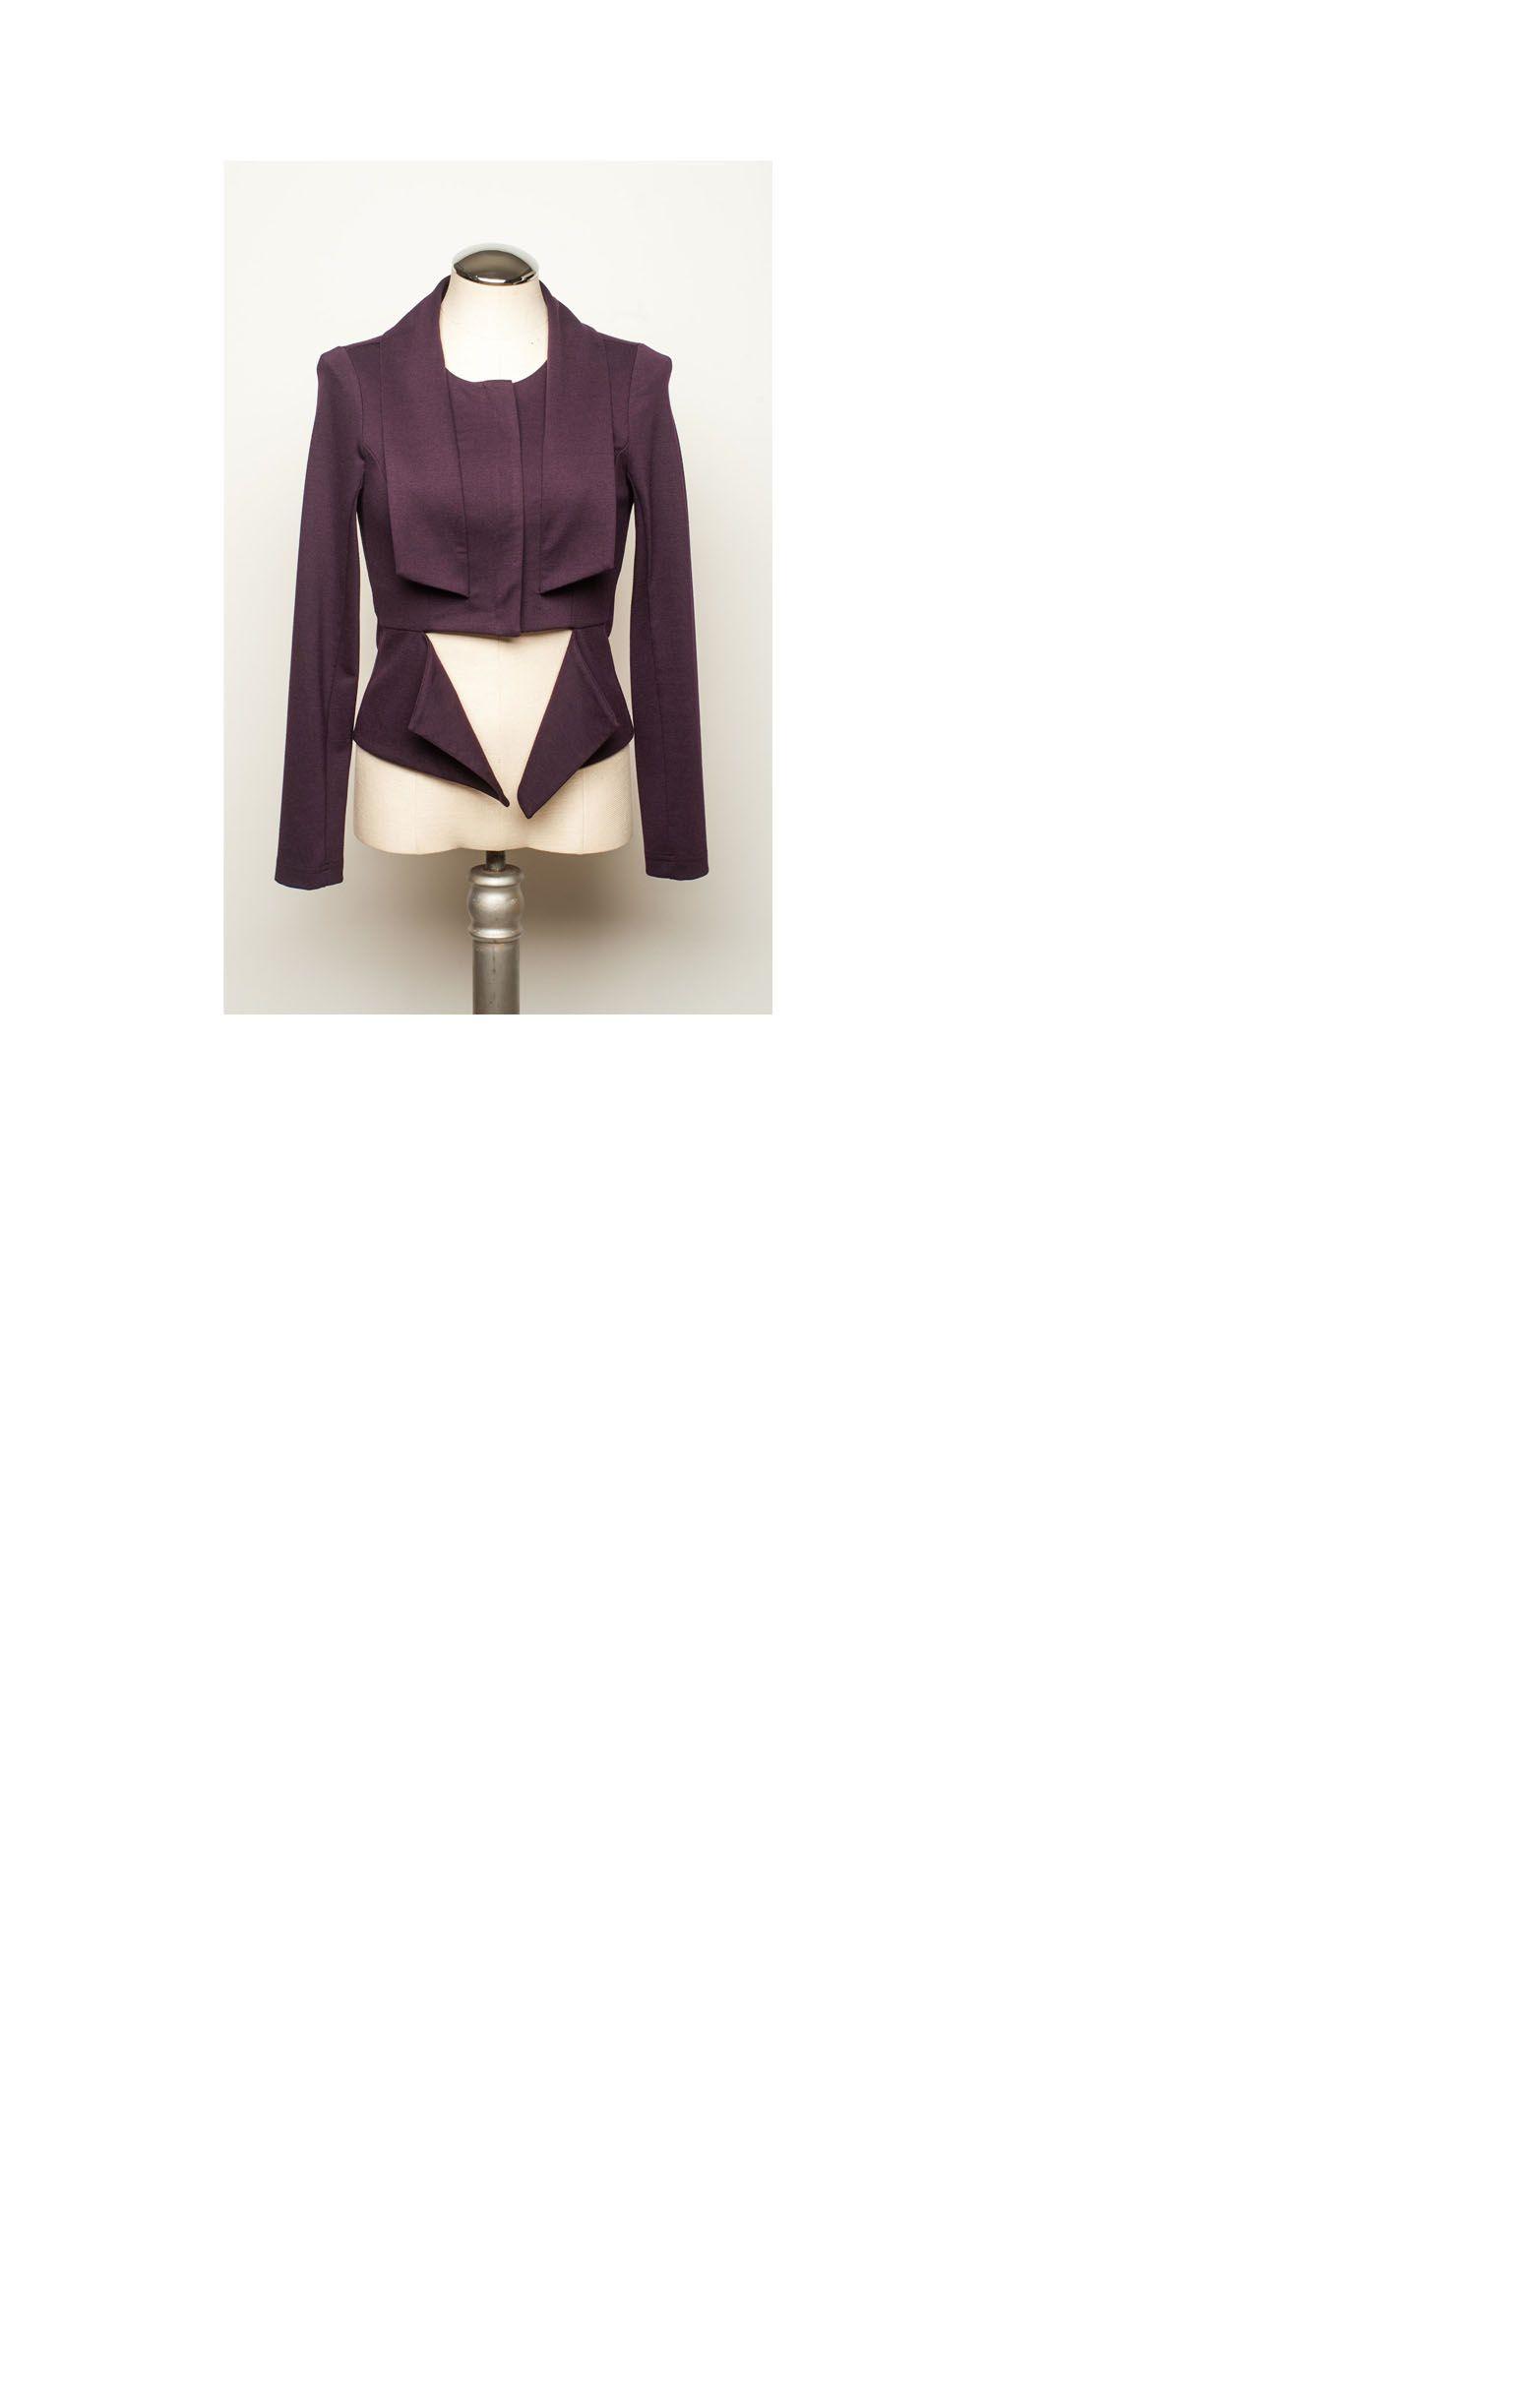 Ferhn Scuba Jacket in Plum looks great on circle shapes! @shopgirls